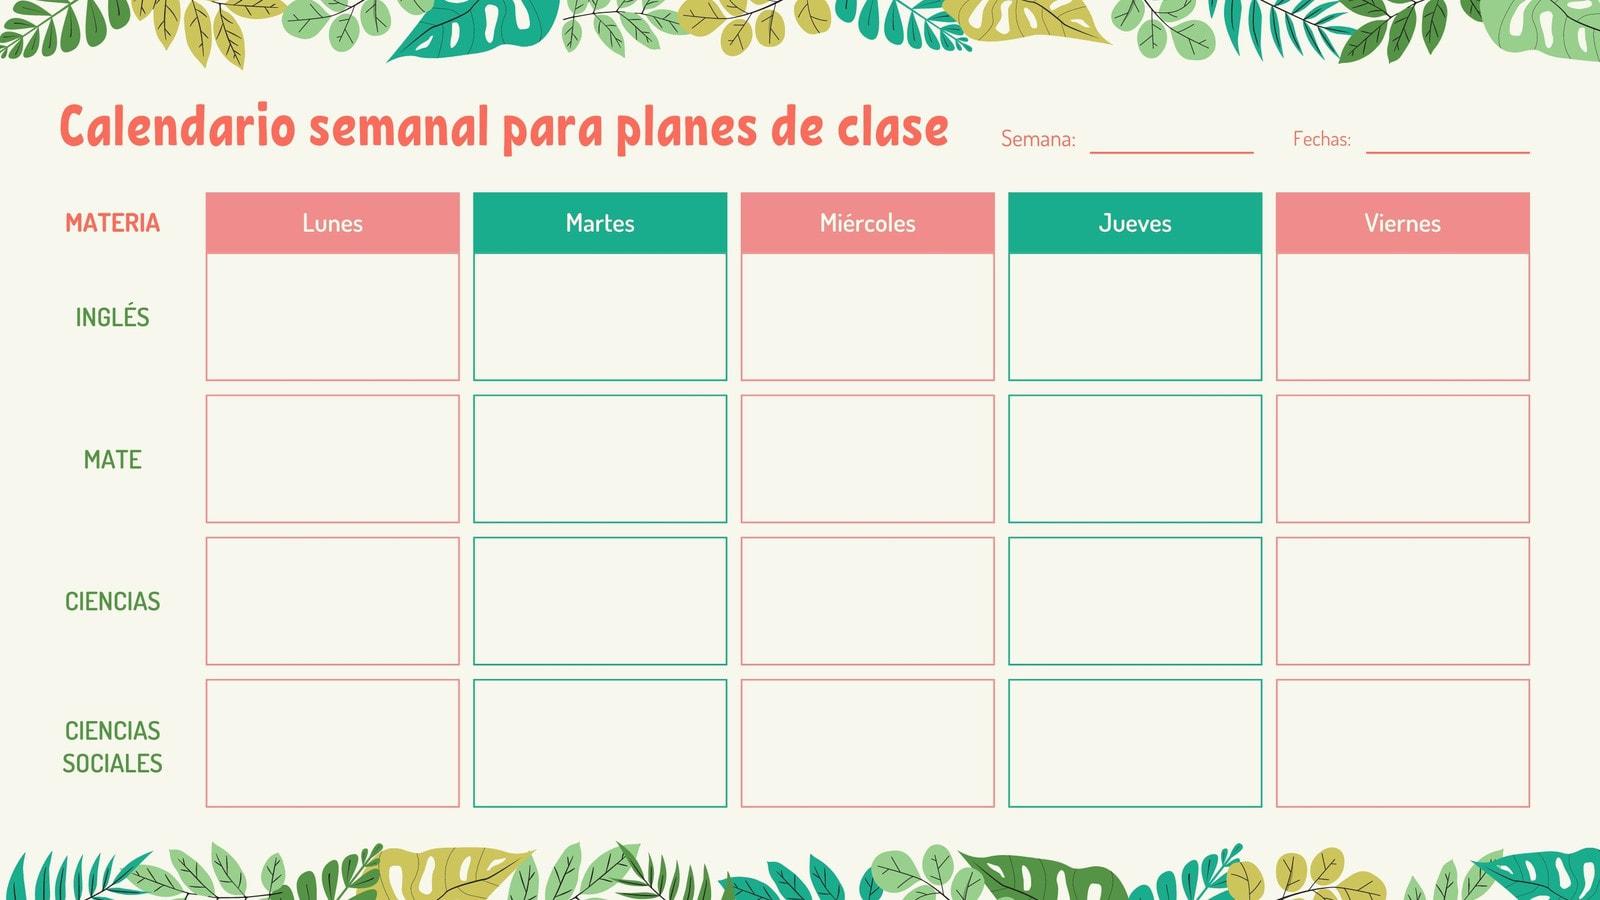 Aventura Calendario Semanal de Clases en Blanco